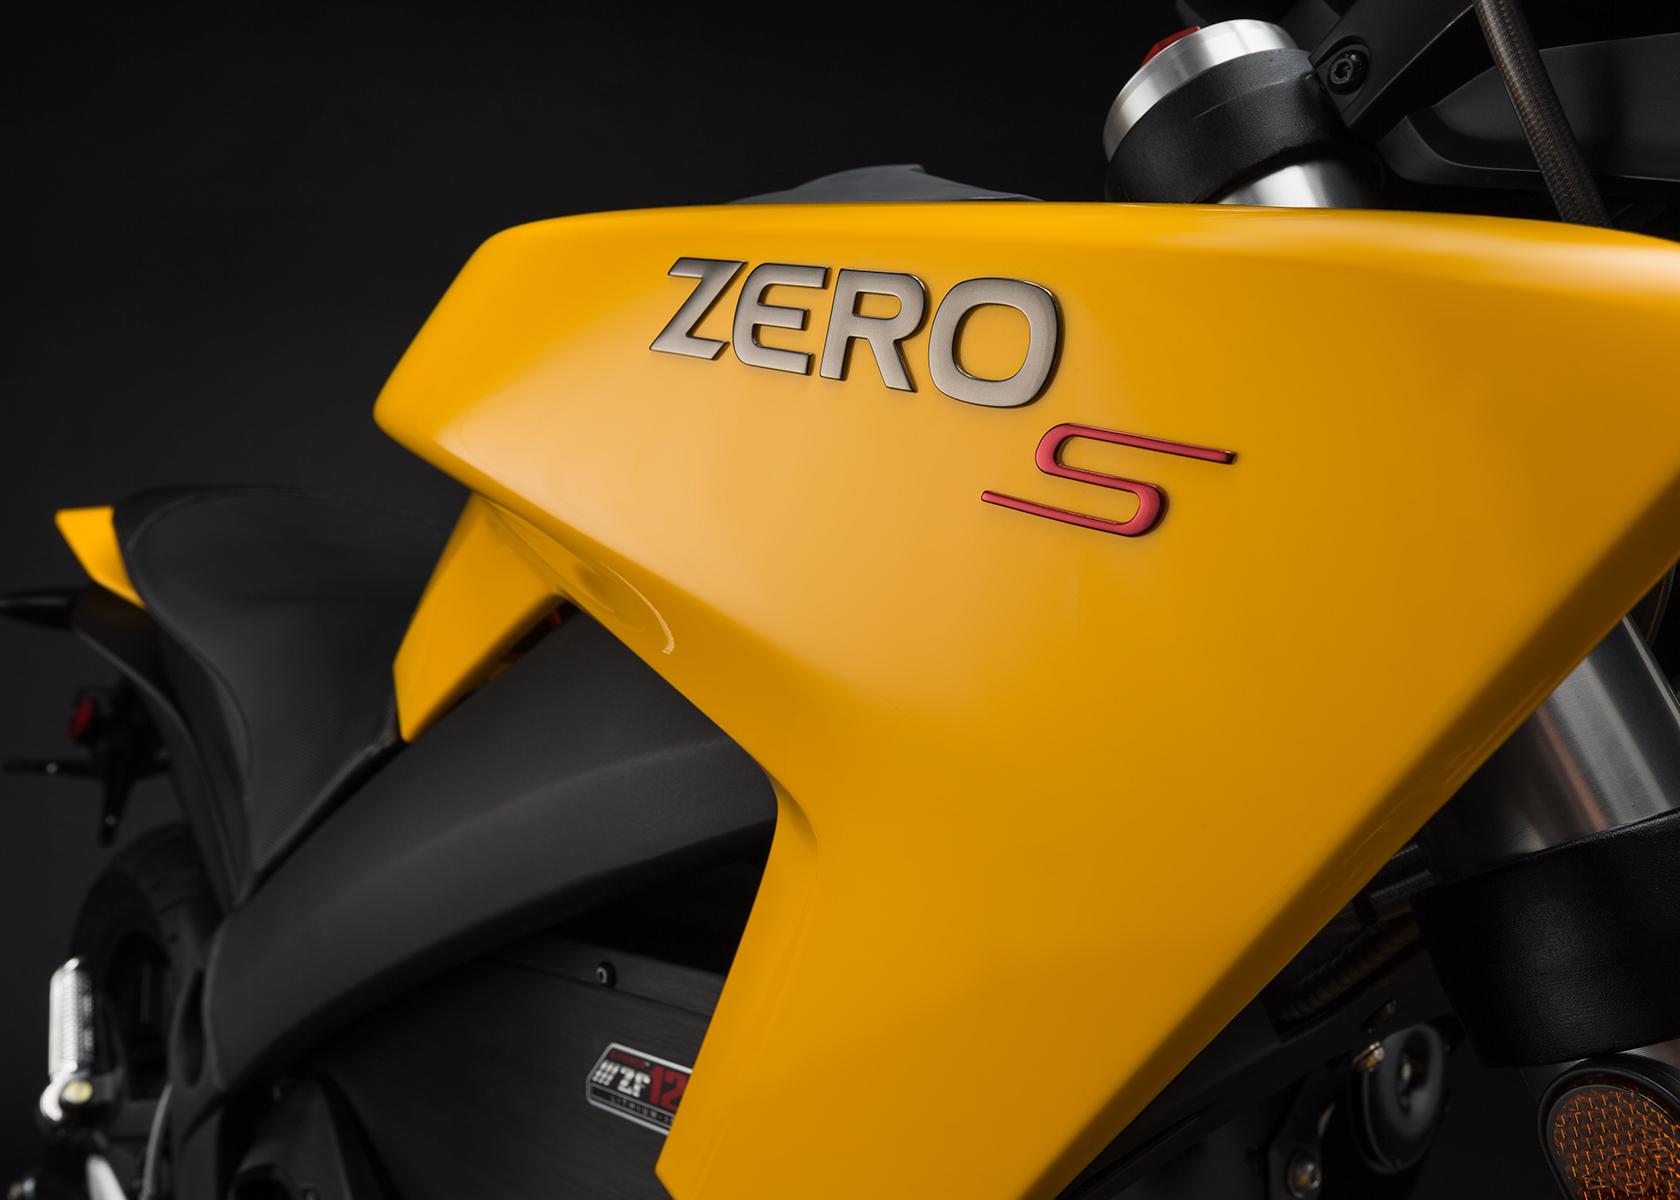 2015 Zero S Electric Motorcycle: Tank